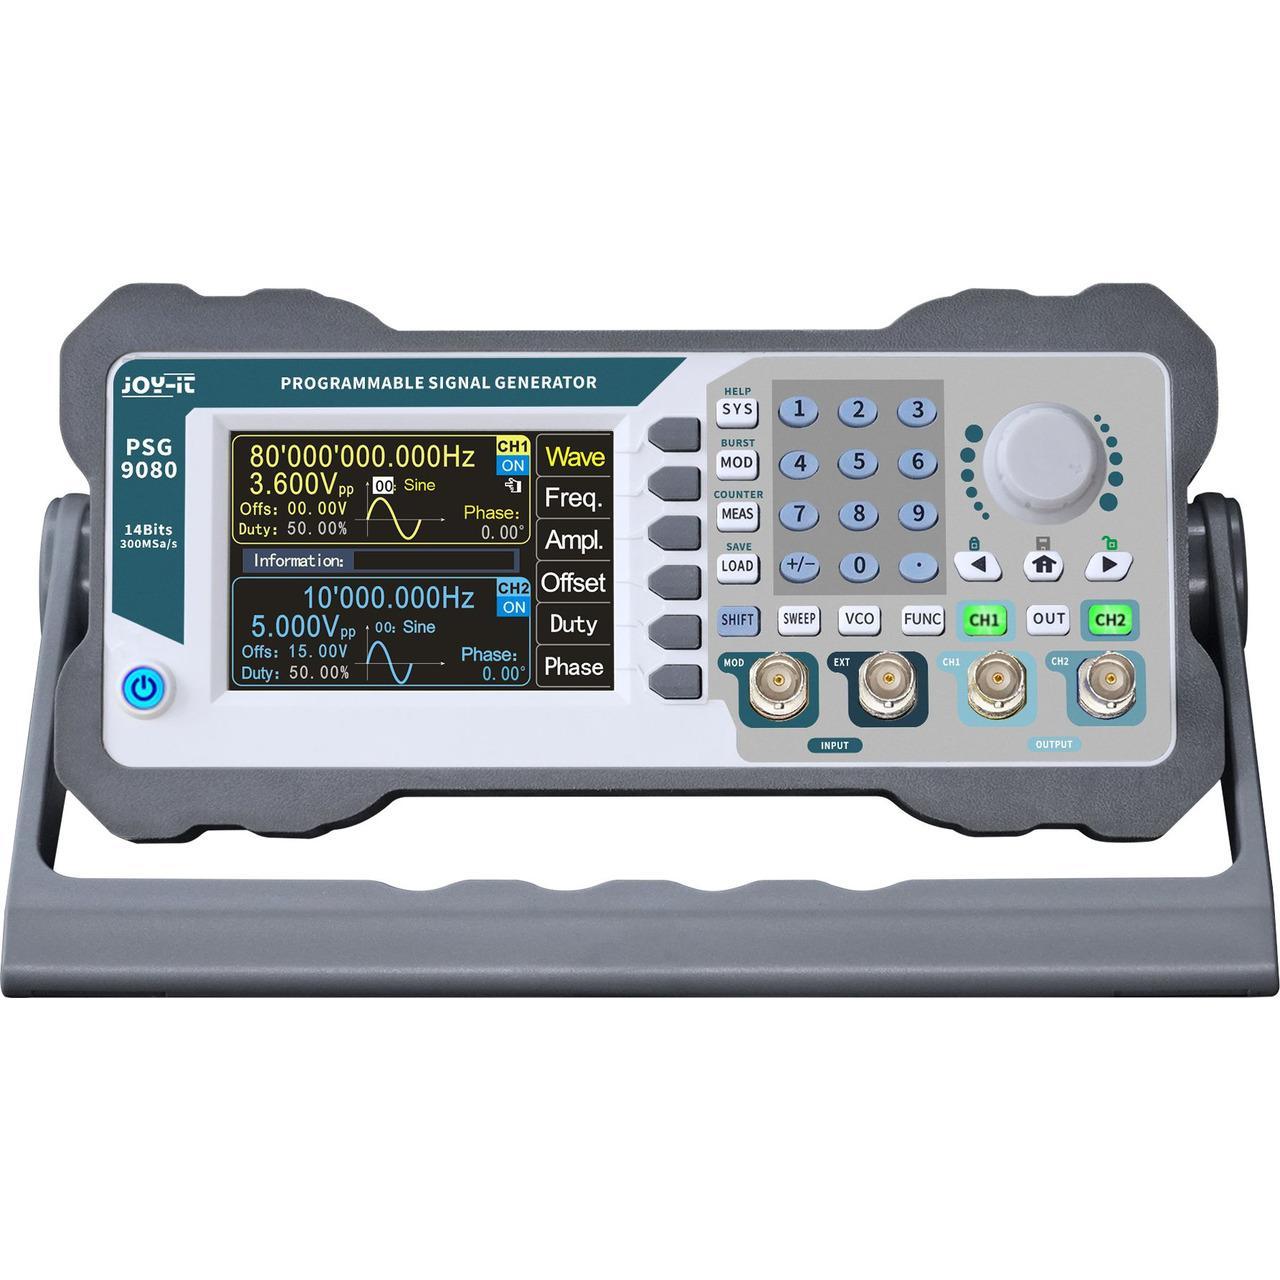 Joy-IT Programmierbarer Signalgenerator JT-PSG9080 mit Frequenzzähler, Frequenzbereich 1 nHz-80 MHz